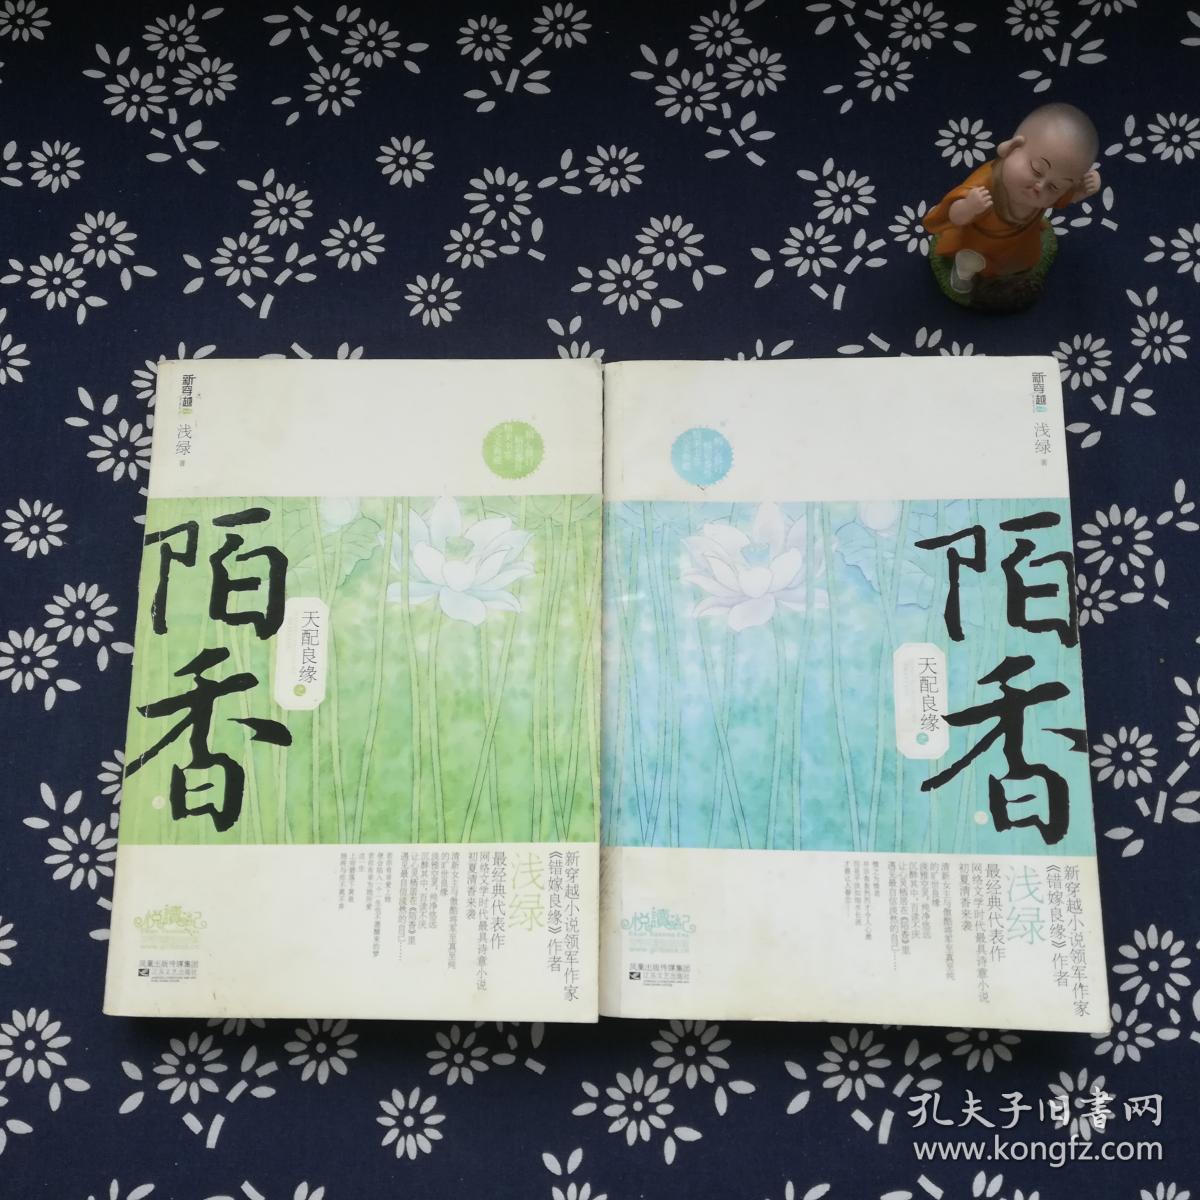 天配良缘之陌香(上下)_浅绿_孔夫子旧书网